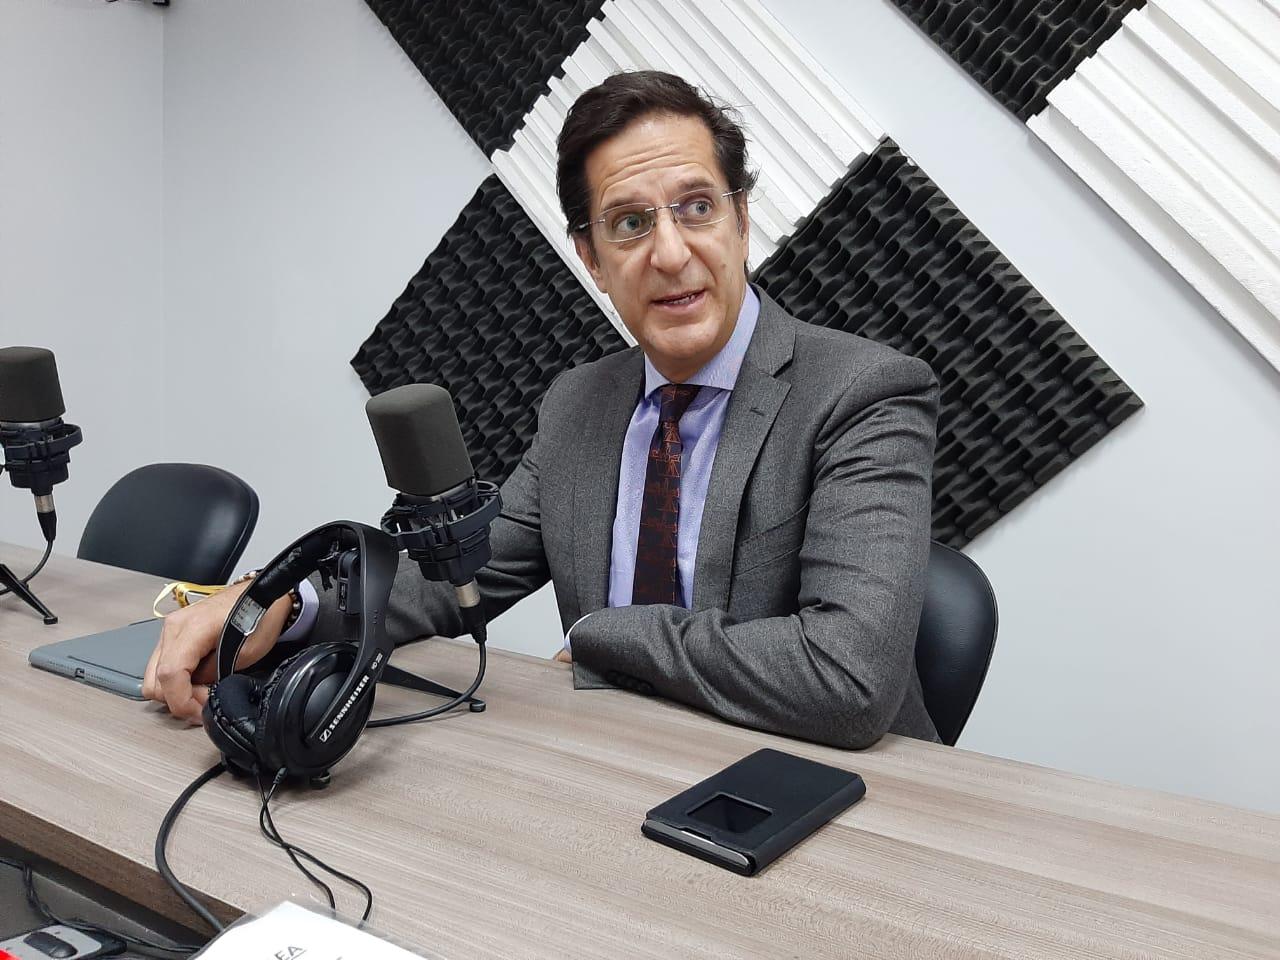 Juan Carlos Solines: Espacios wifi gratis en Ecuador